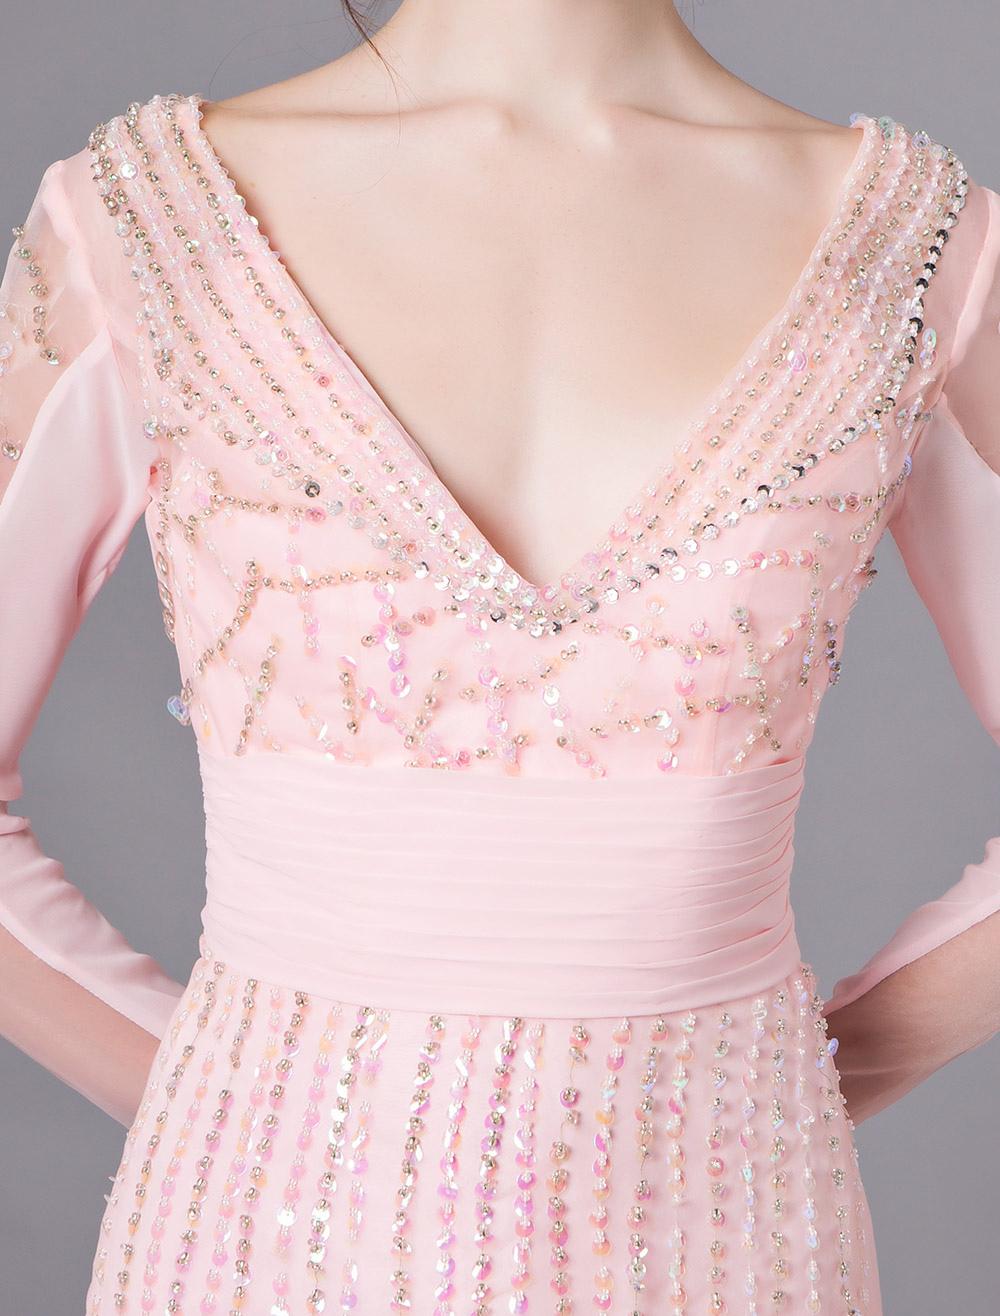 rosa mantel v-ausschnitt friesen lange Ärmel organza cocktailkleid  hochzeitsgast kleid milanoo